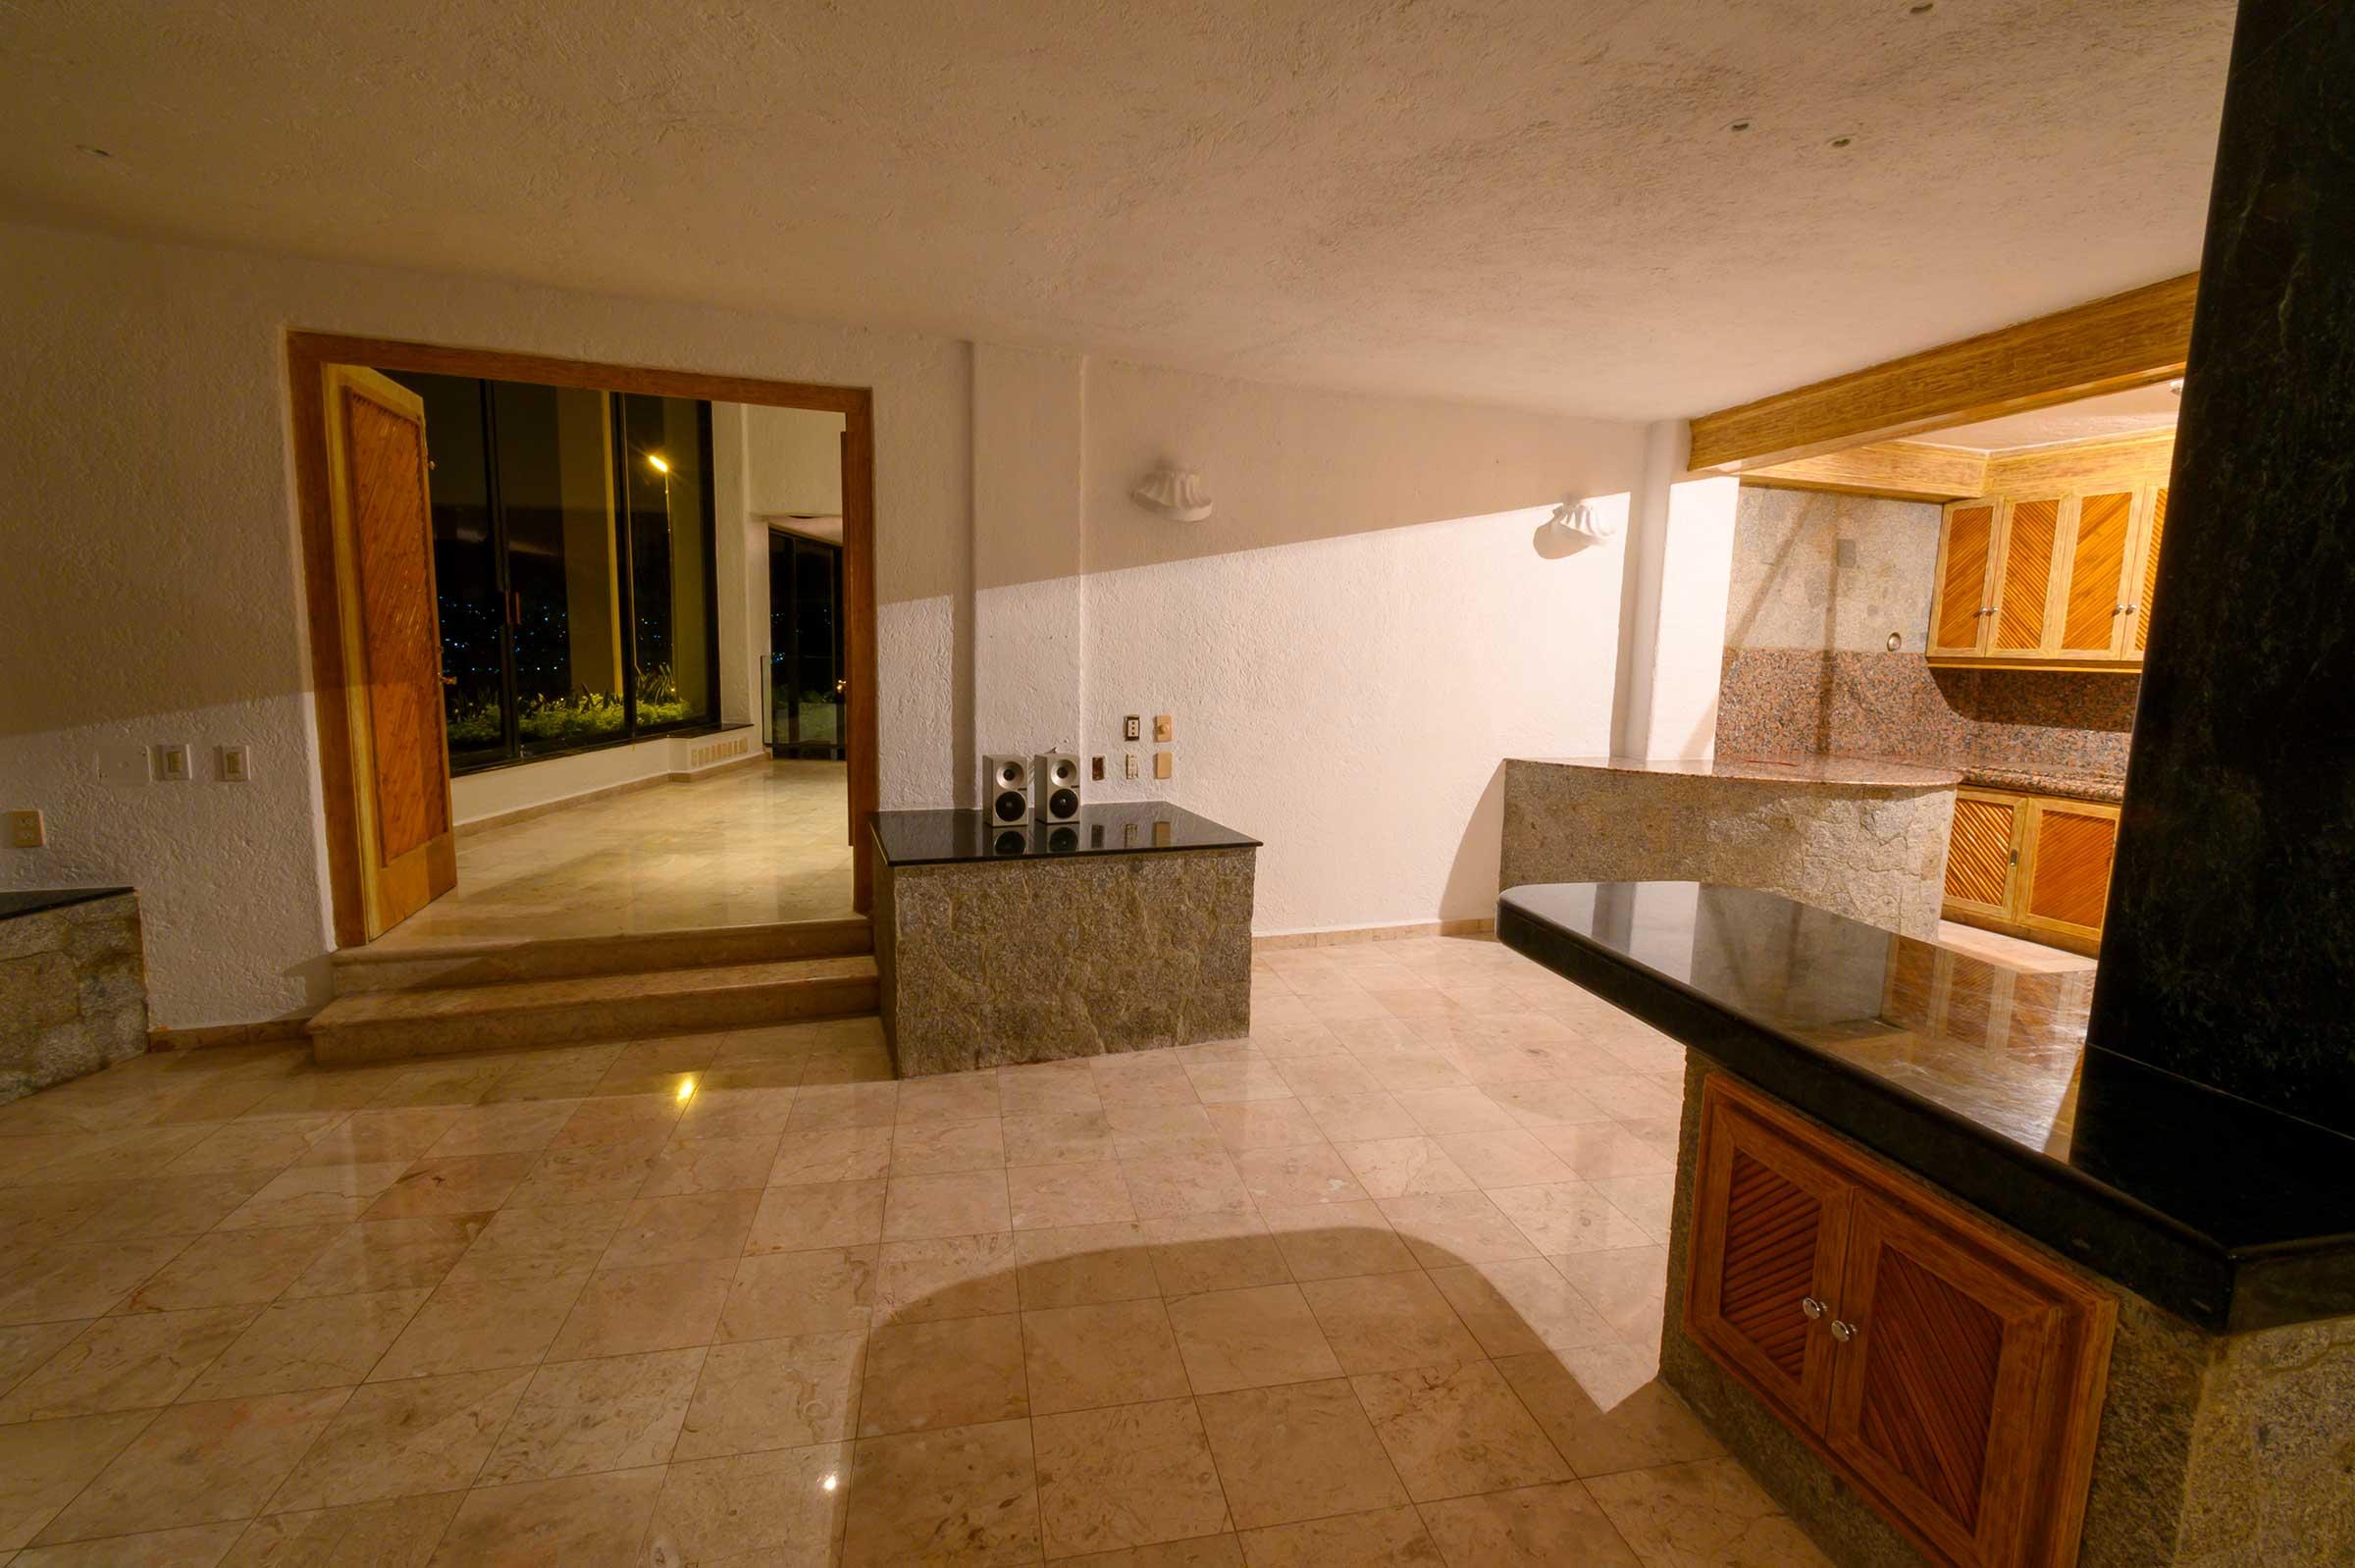 Departamento del propietario, Casa Buenos Aires and adjacent lot, Acapulco